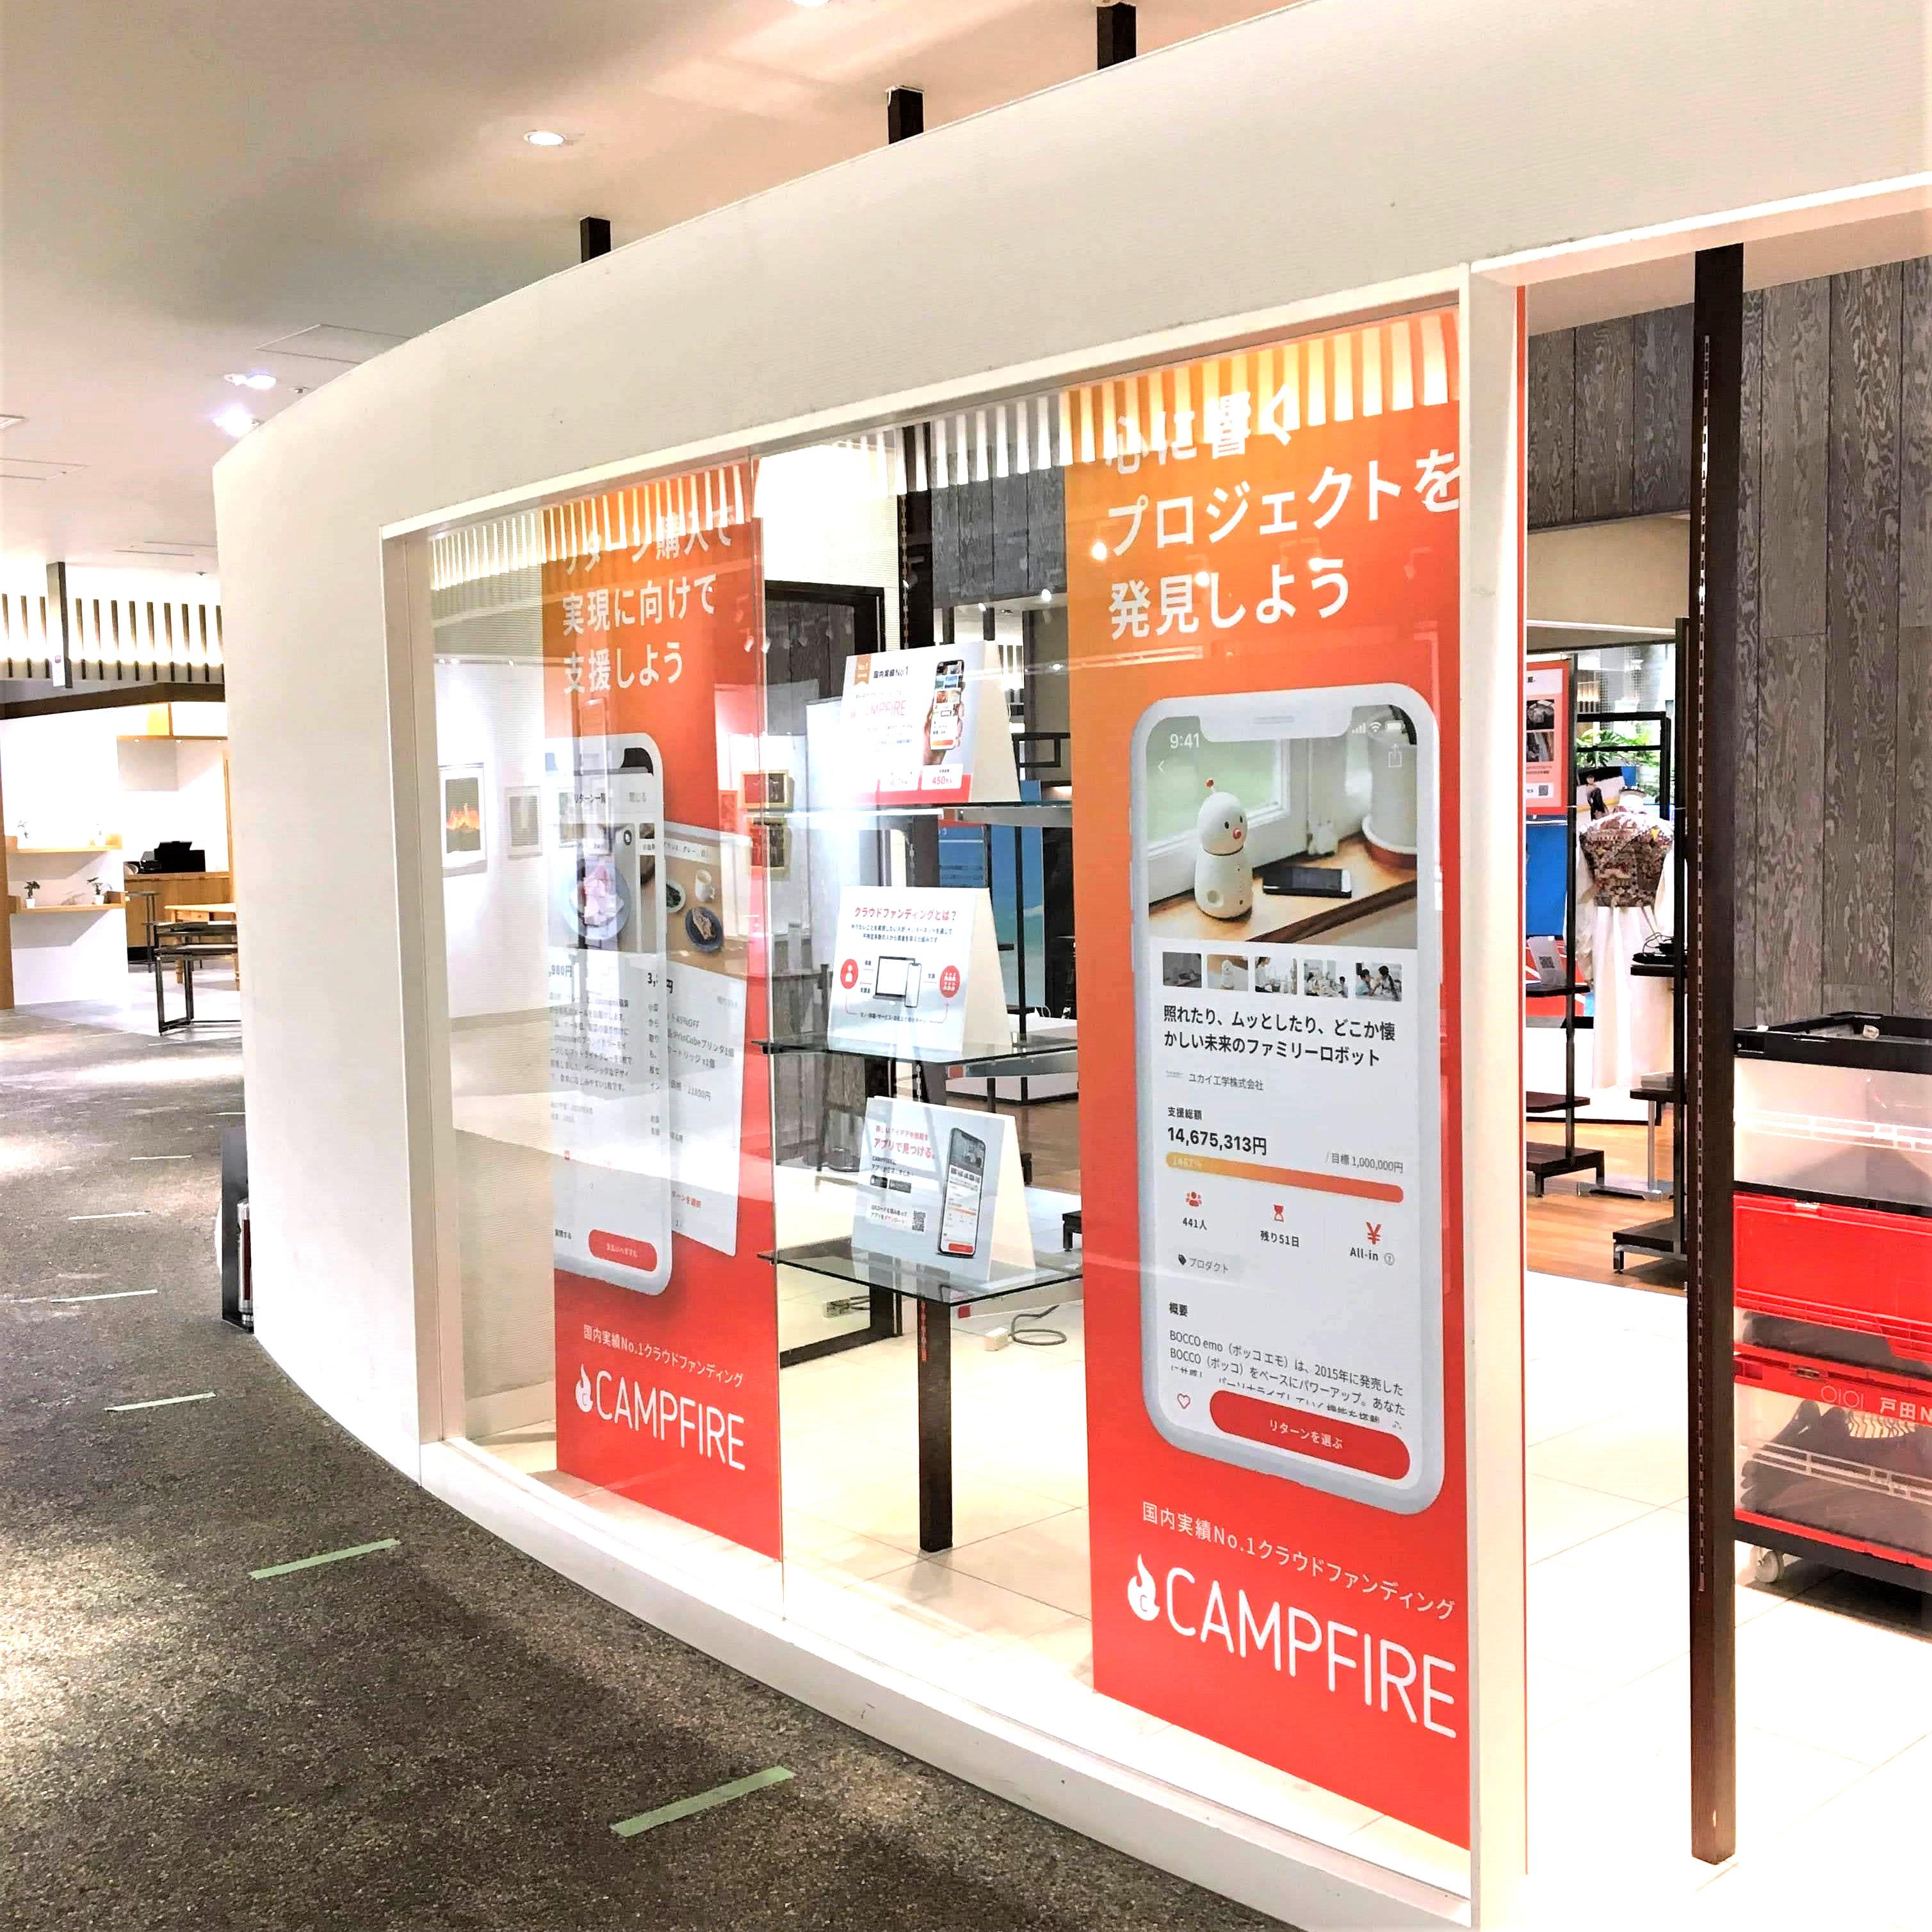 3/6より、東京の有楽町マルイさんのCAMPFIREさんのブースで、実際に手に取って見て頂けます!